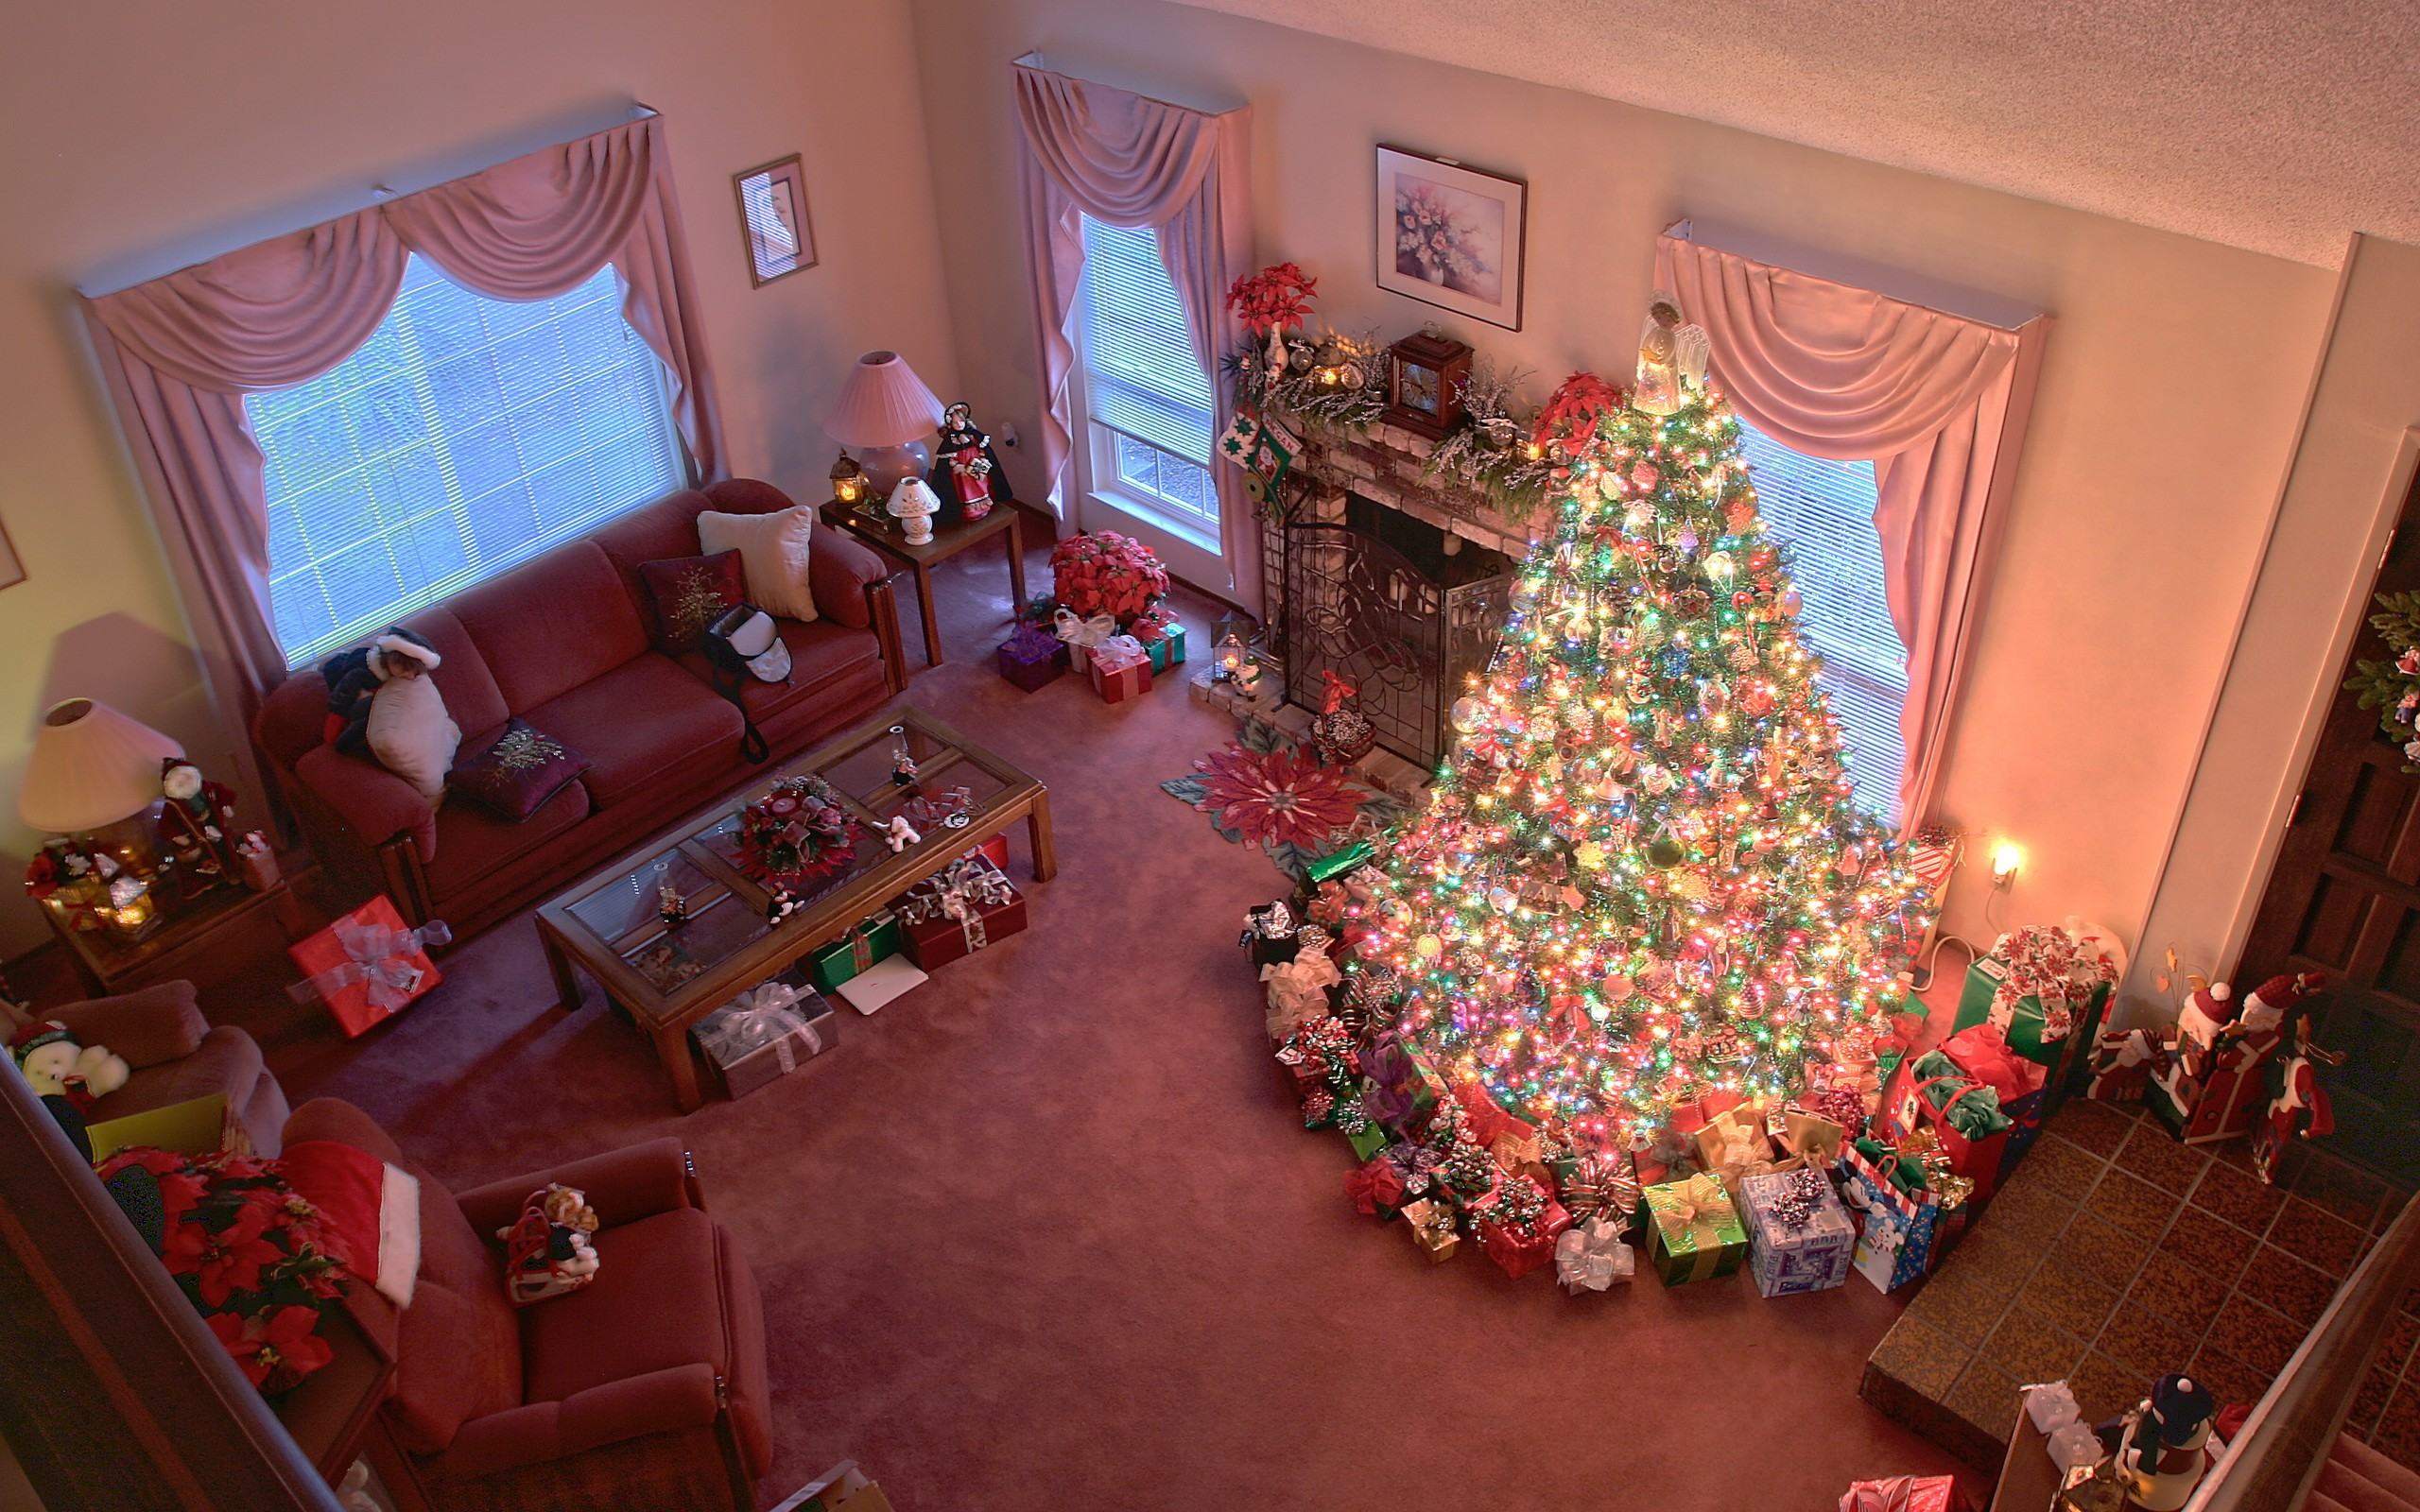 Decoración de navidad en casa - 2560x1600